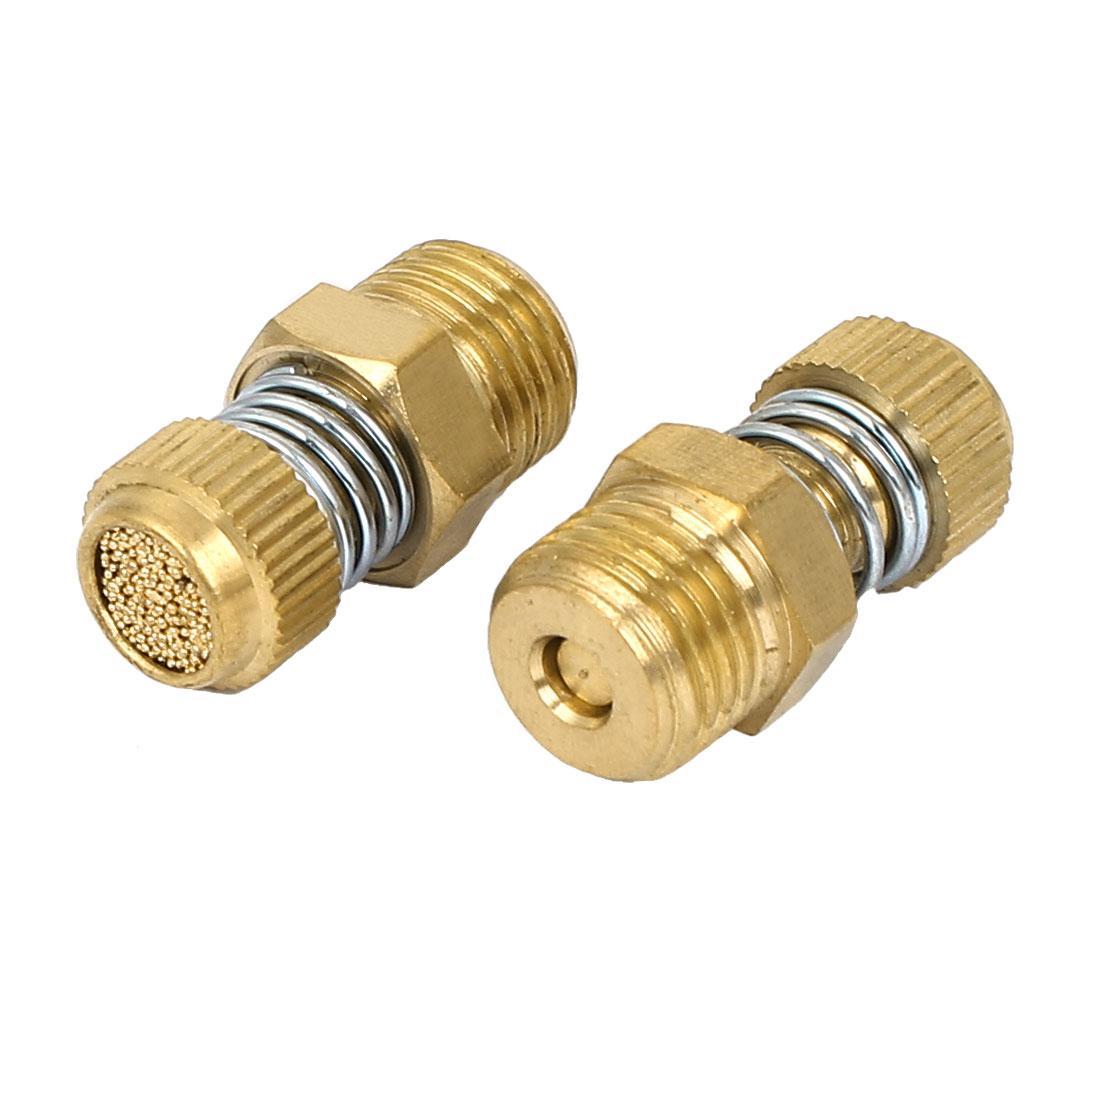 1/4BSP Male Thread Spring Loaded Brass Pneumatic Air Exhaust Muffler 28mm Length 2pcs